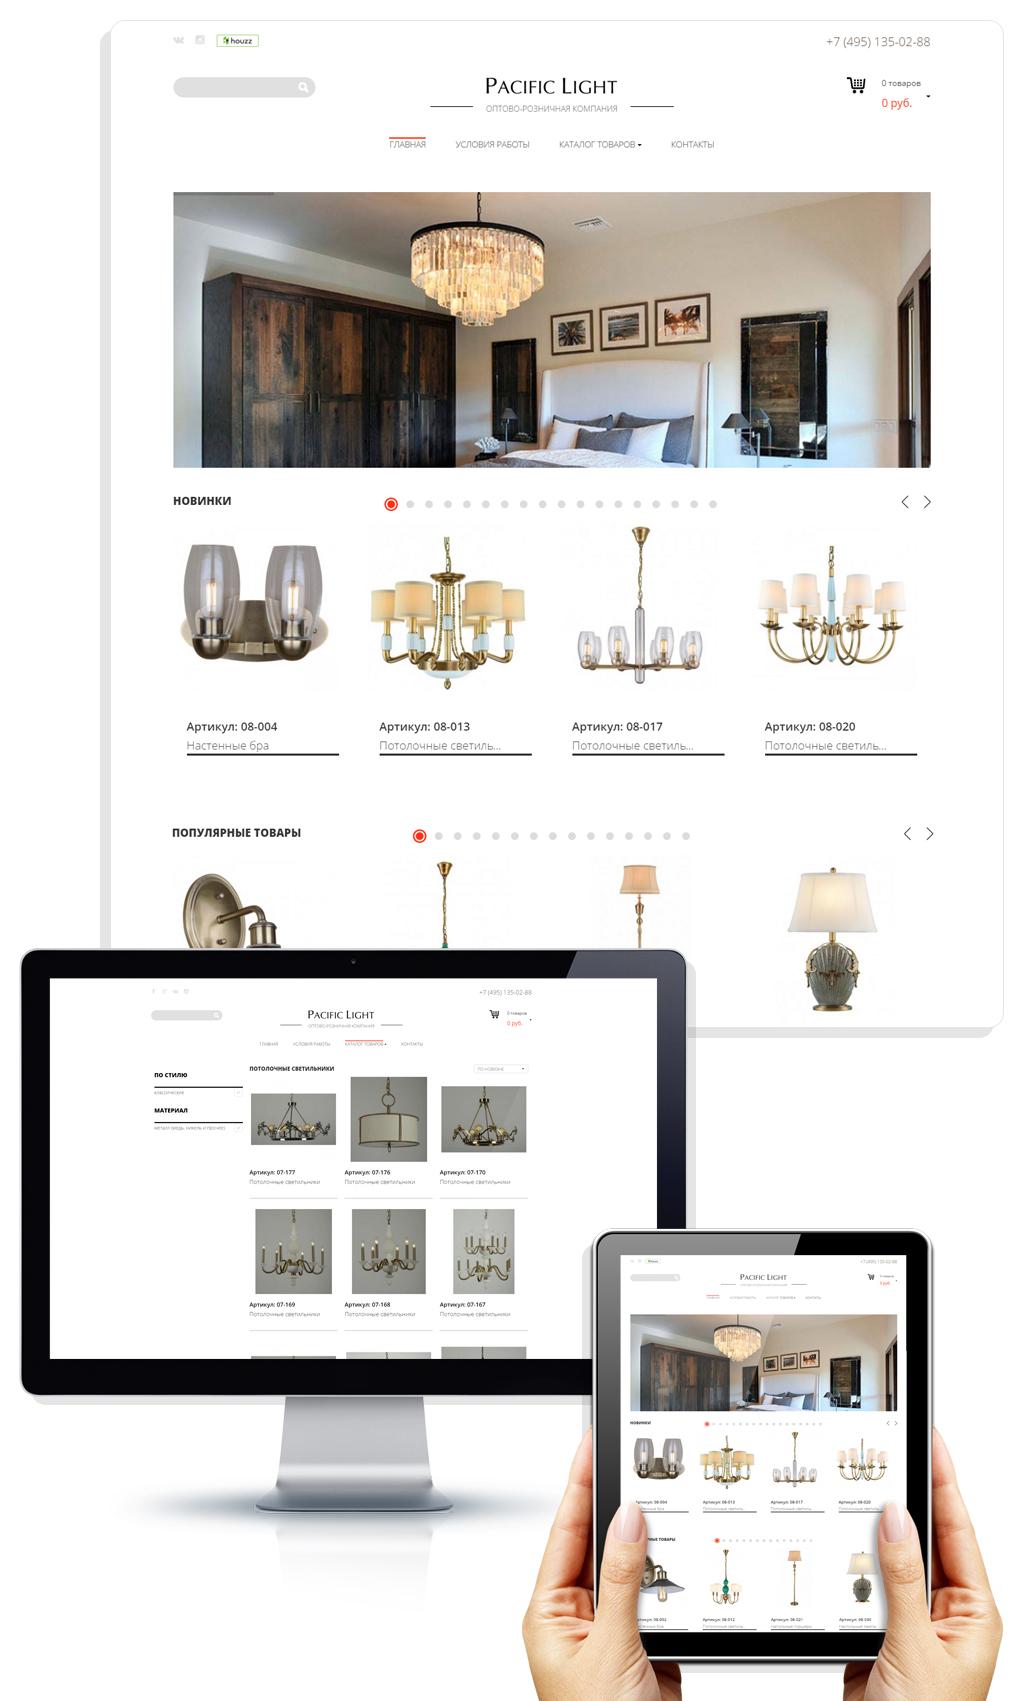 Адаптивный интернет-магазин светильников для бренда Pacific Light